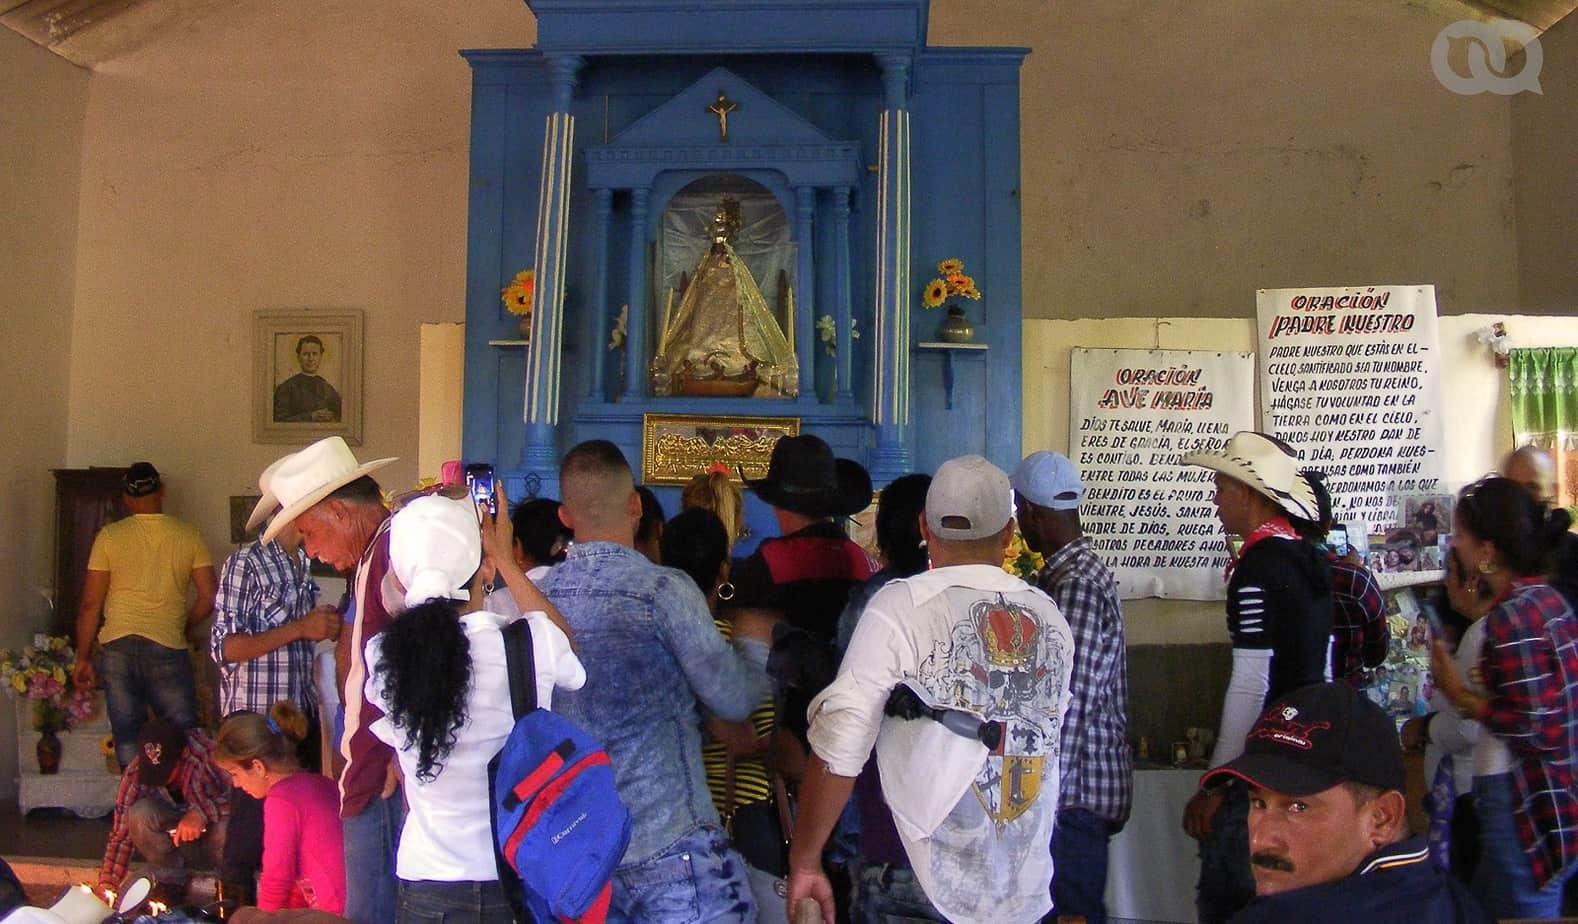 El casi desconocido acto de devoción a la Virgen de la Caridad del Cobre que se realiza cada año en un remoto lugar de Cuba (+ Fotos)